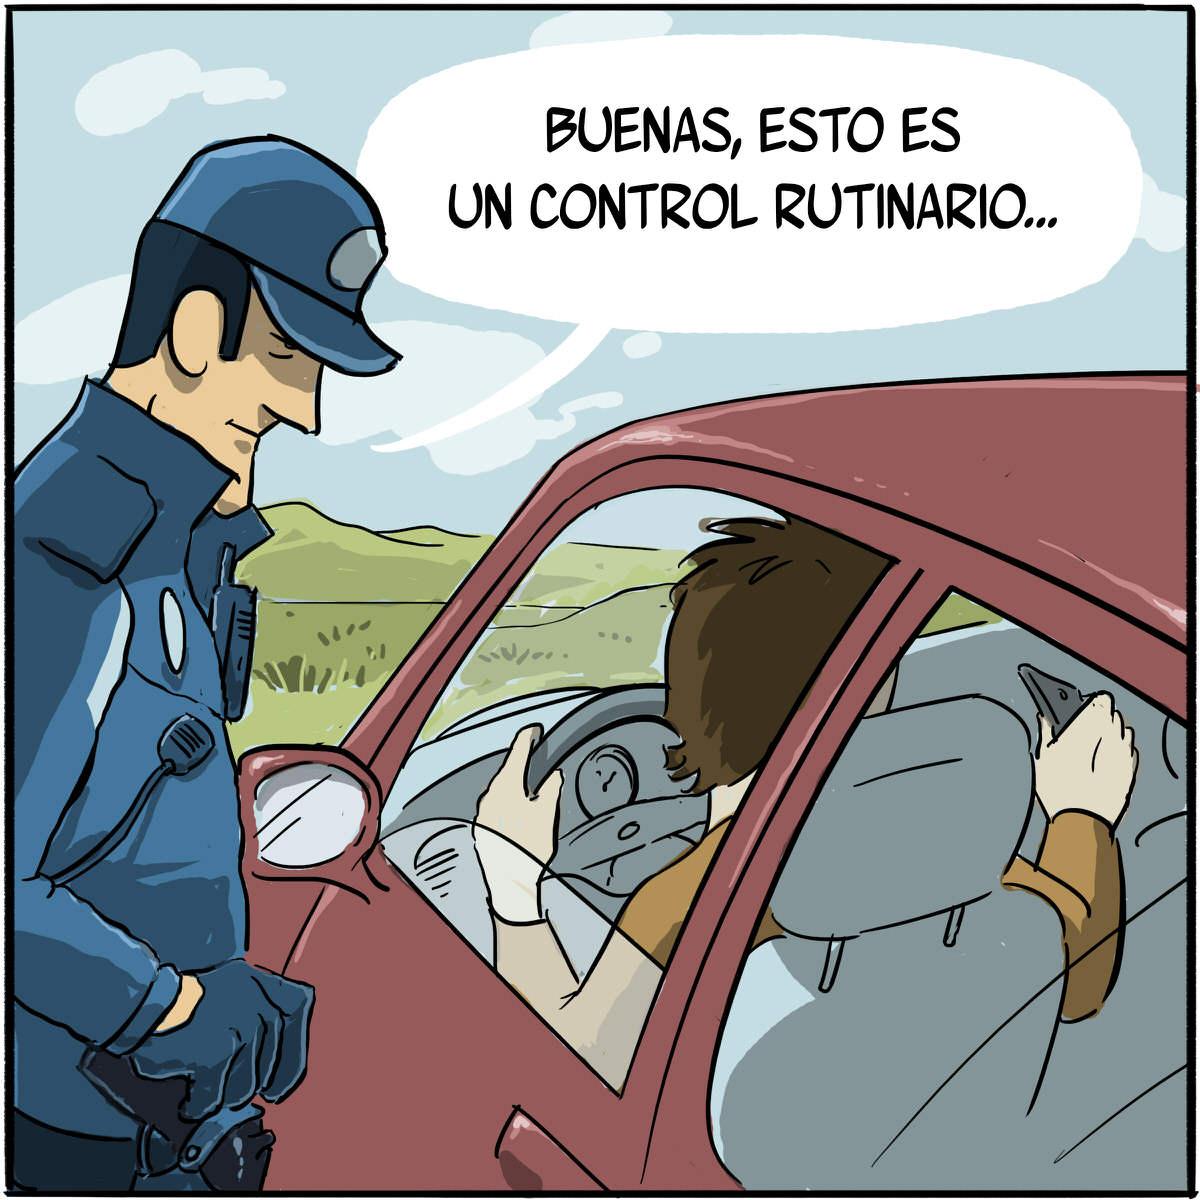 Grabar a policía o guardia civil en control de tráfico.